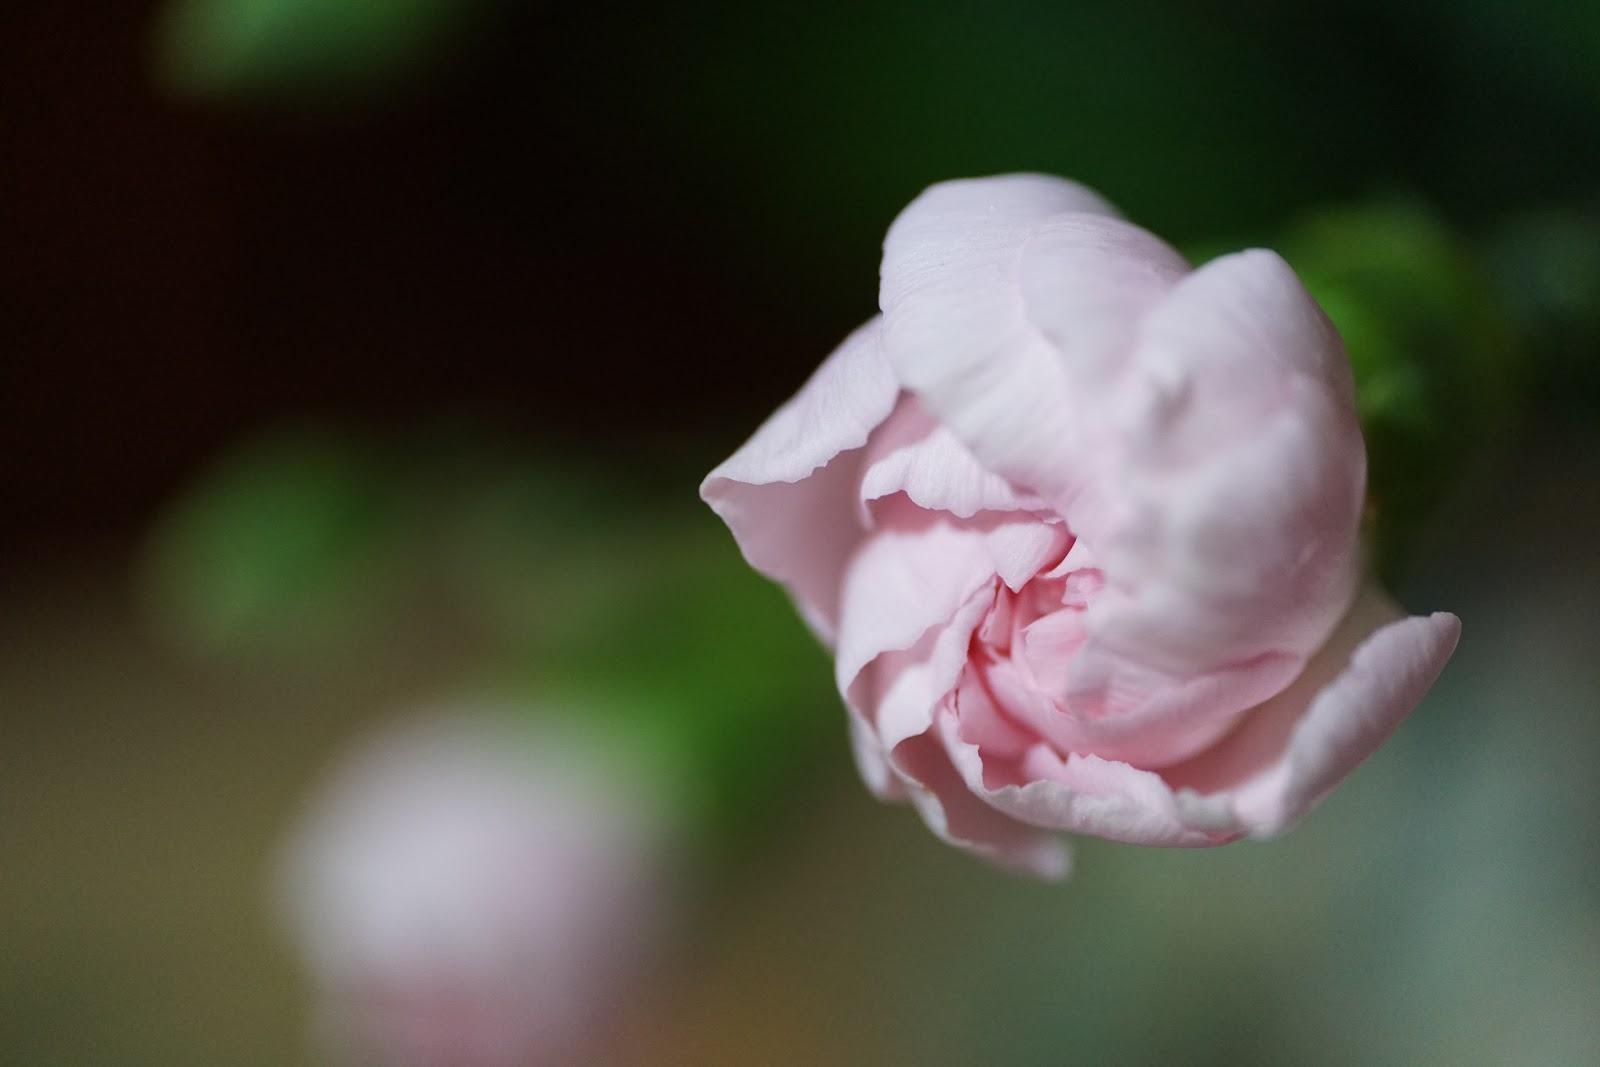 淡いピンクの花の蕾